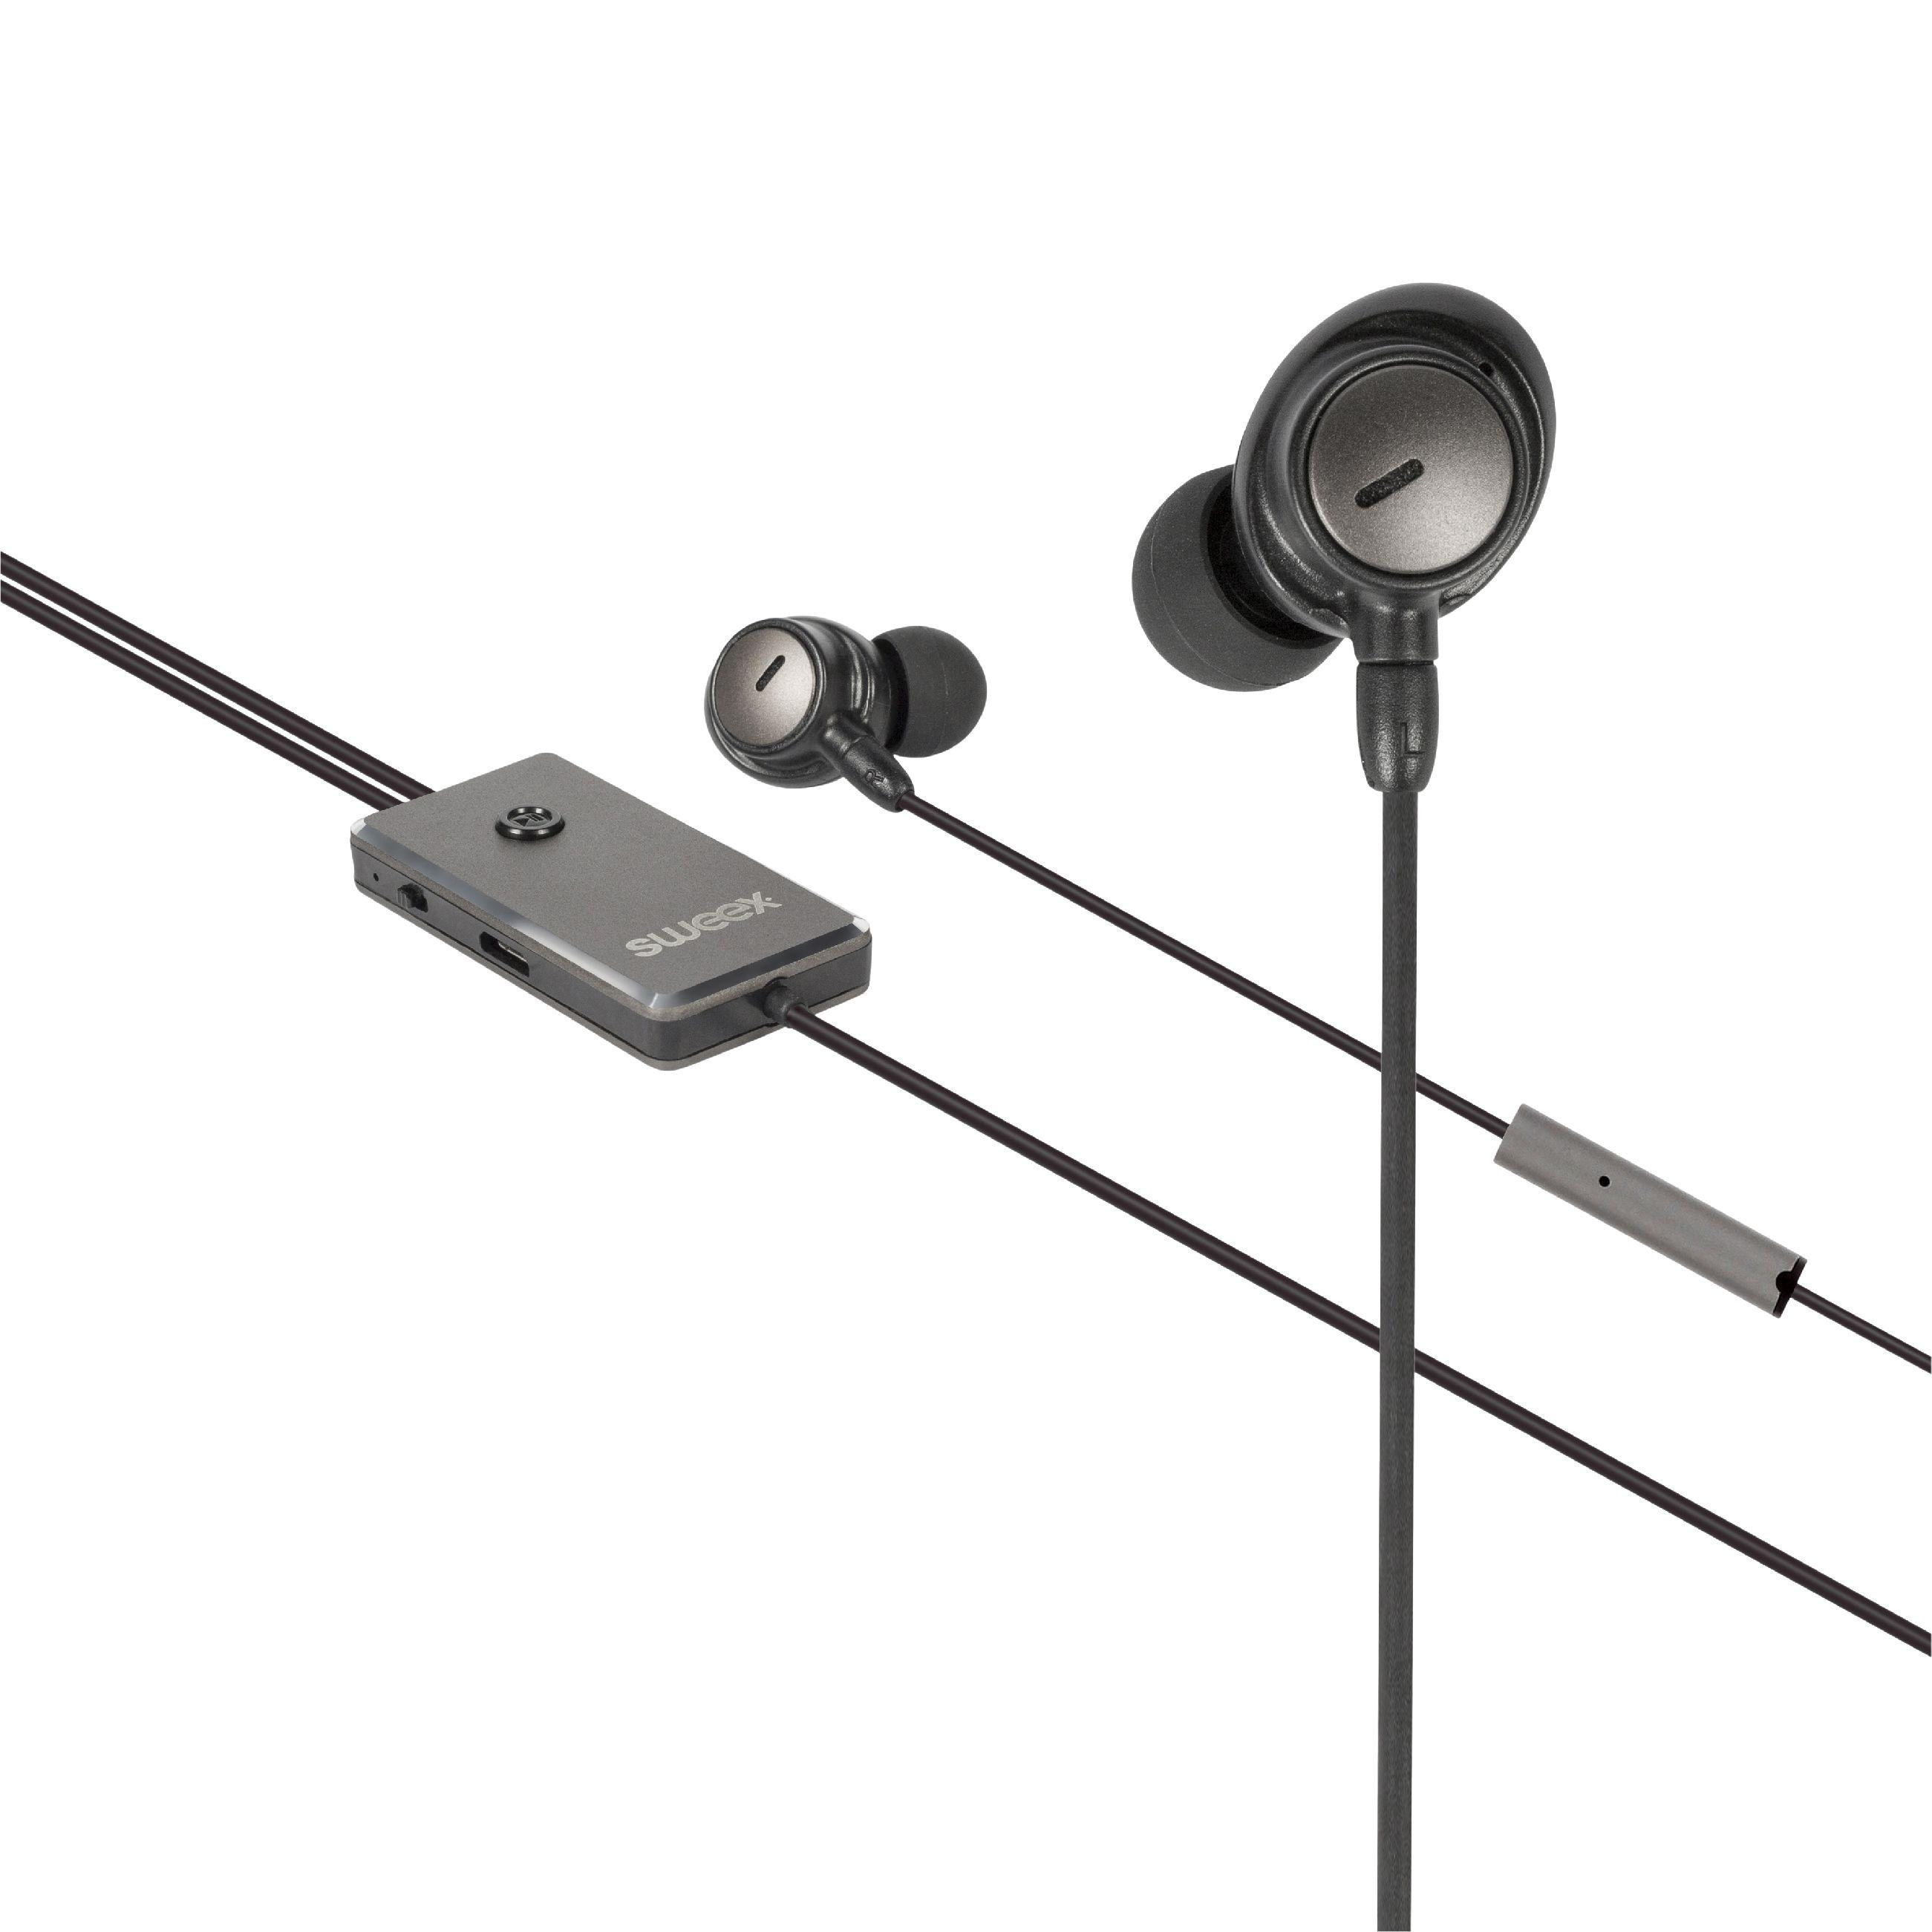 Sweex ANC sluchátka do uší s mikrofonem, 3.5 mm jack, SWANCHS100GY